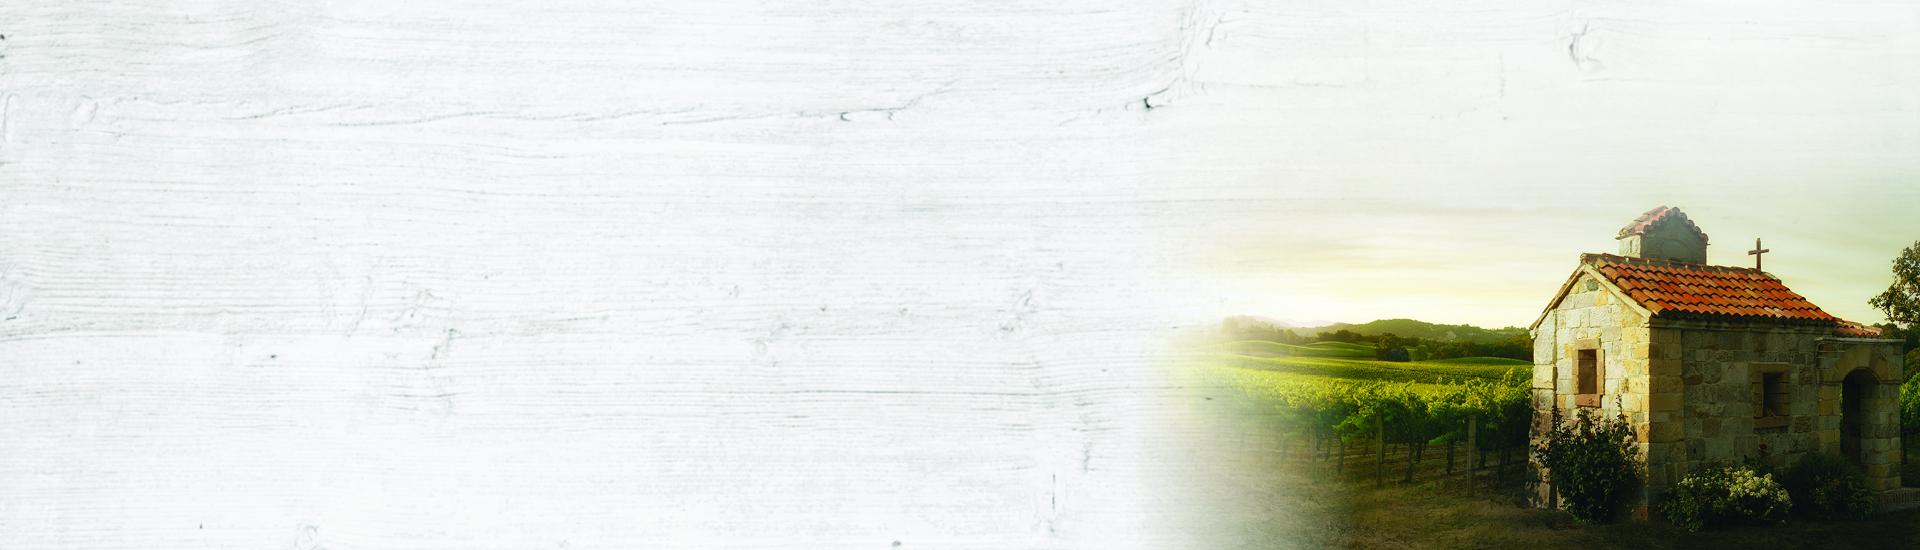 Weine - Vinorama on Tour: Willkommen im Burgund - Olivier Bernstein, Louis Jadot & Marc Morey 12/2016 - Slider